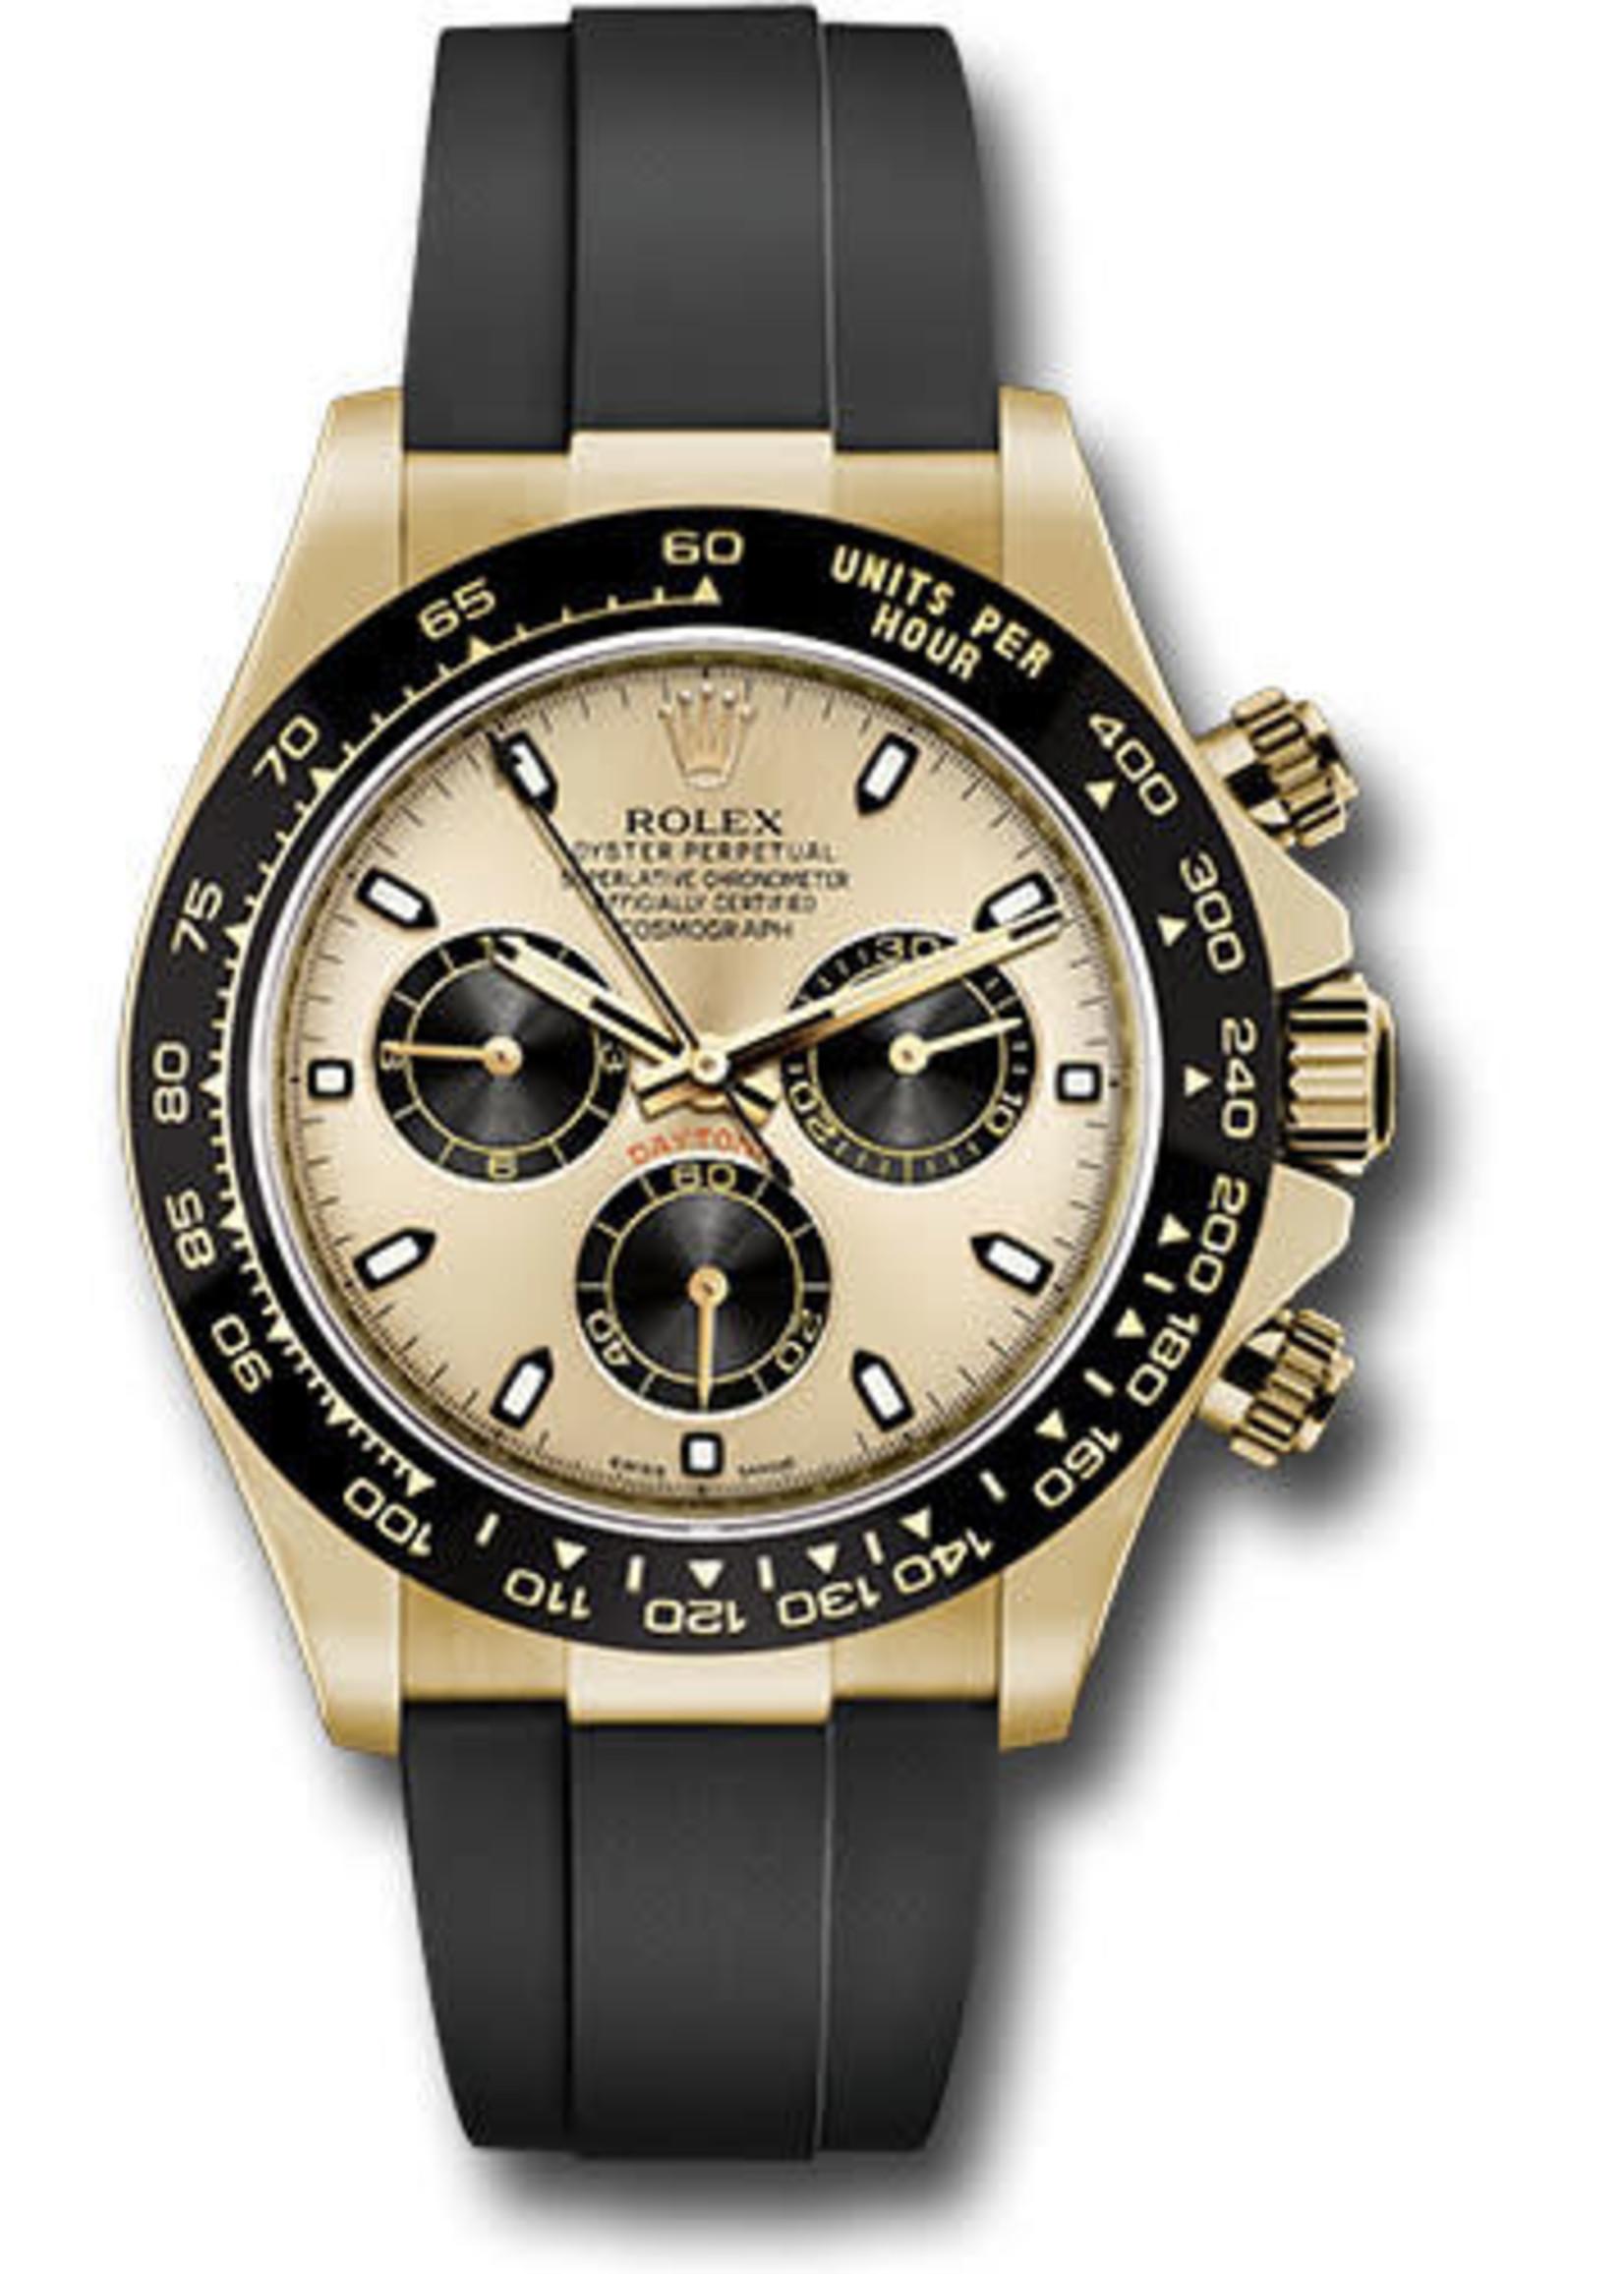 Rolex ROLEX DAYTONA 40MM (2020 B+P) #116518LN